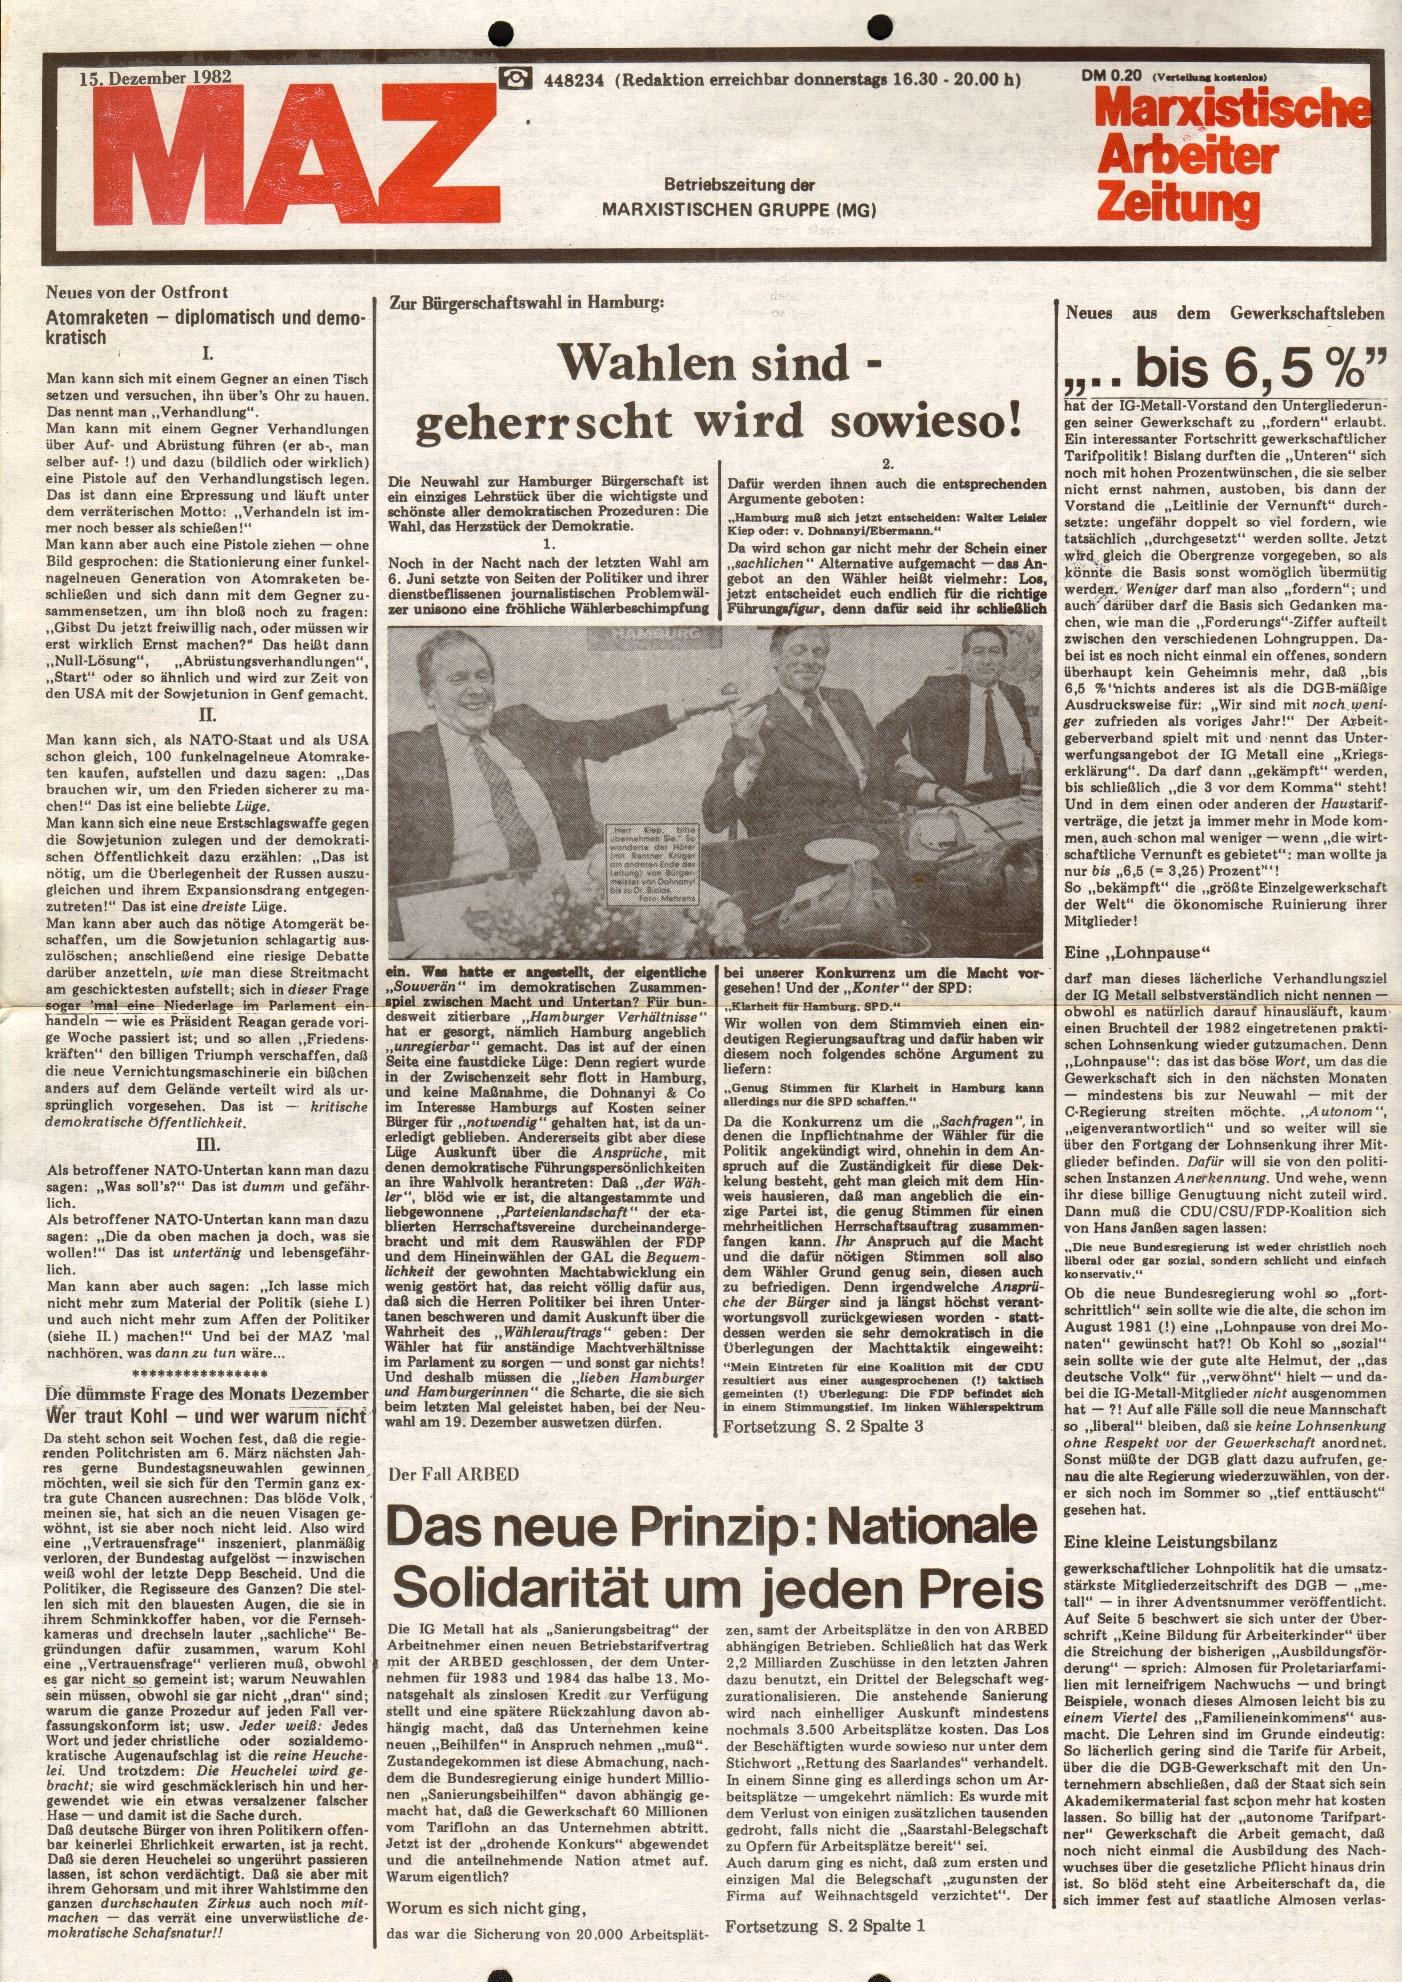 Hamburg_MG_MAZ_19821215_01